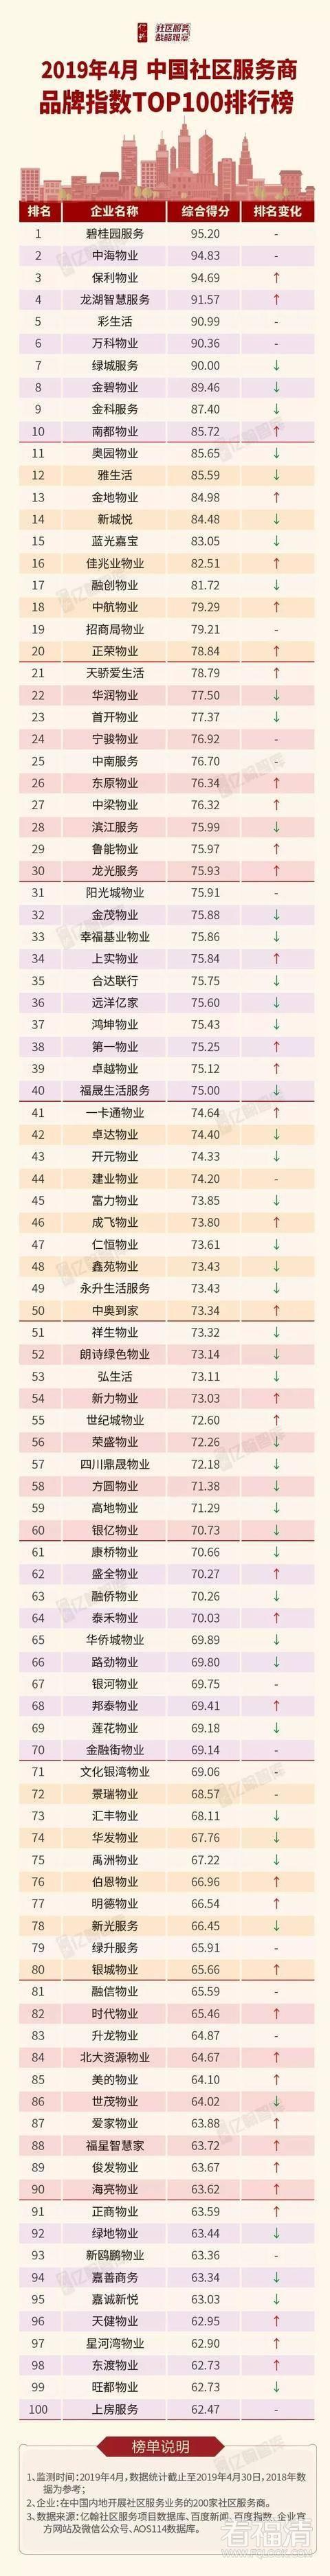 2019年4月中国社区服务商品牌指数TOP100